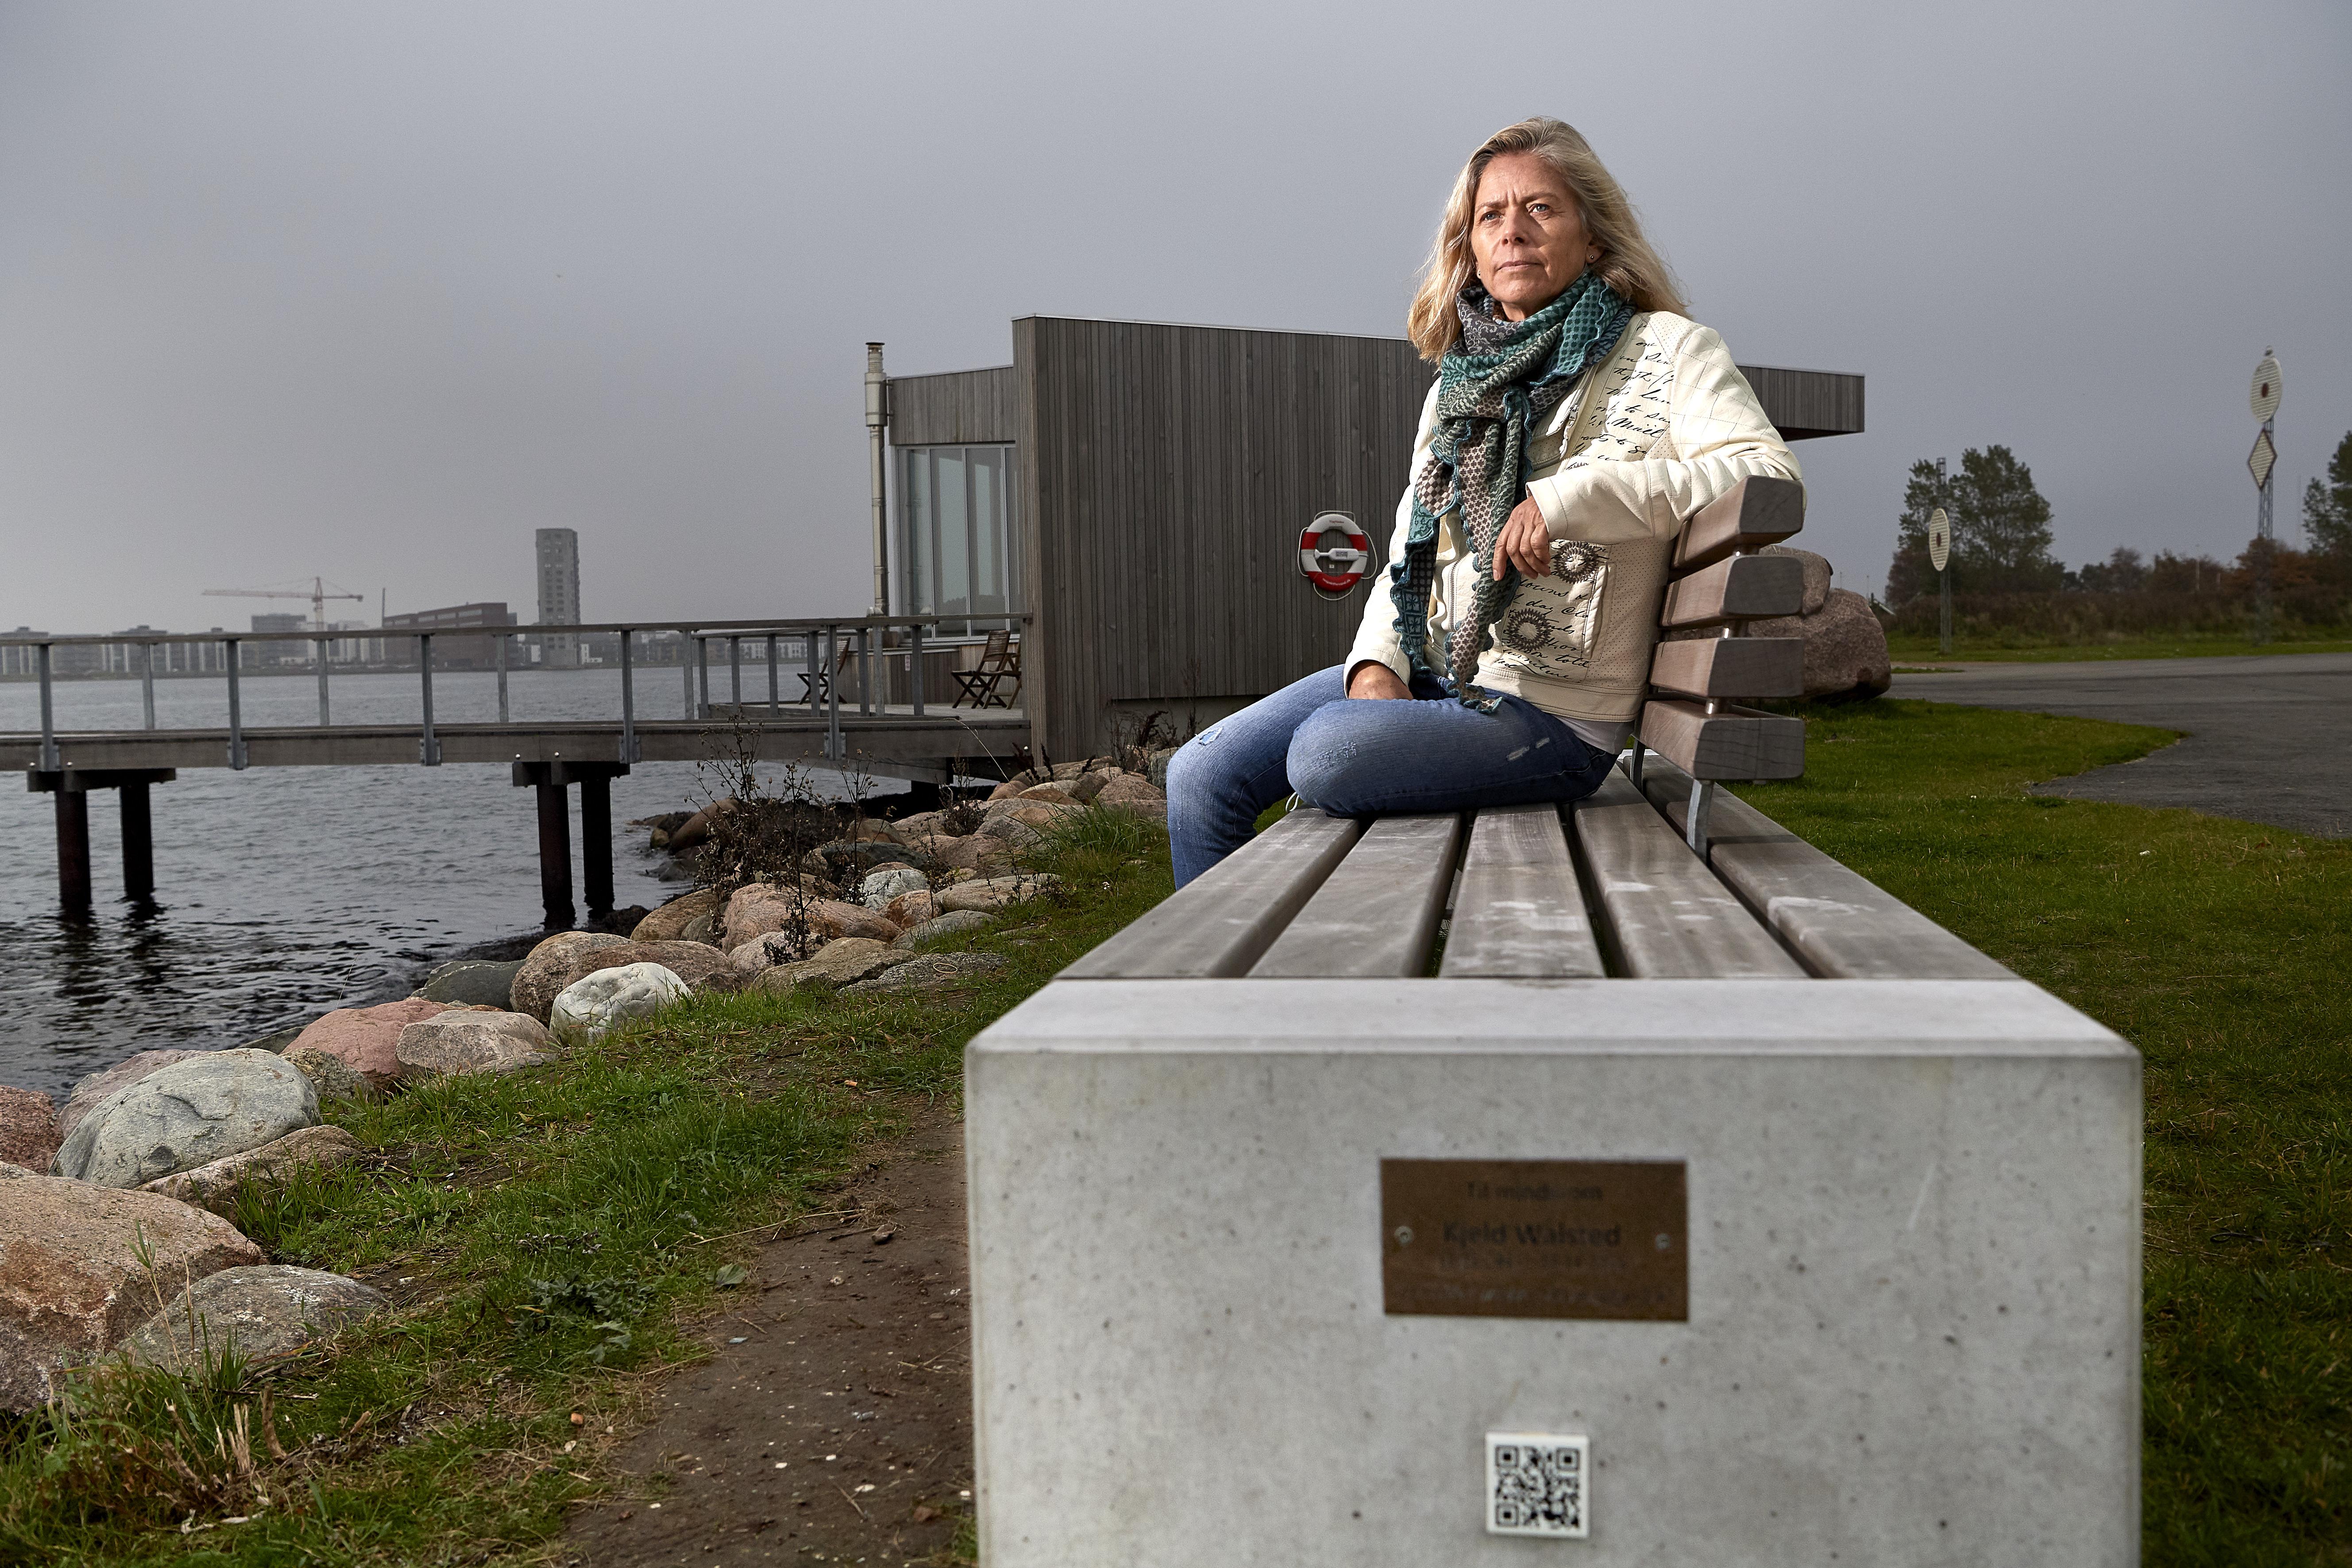 luder i nordjylland kom over utroskab